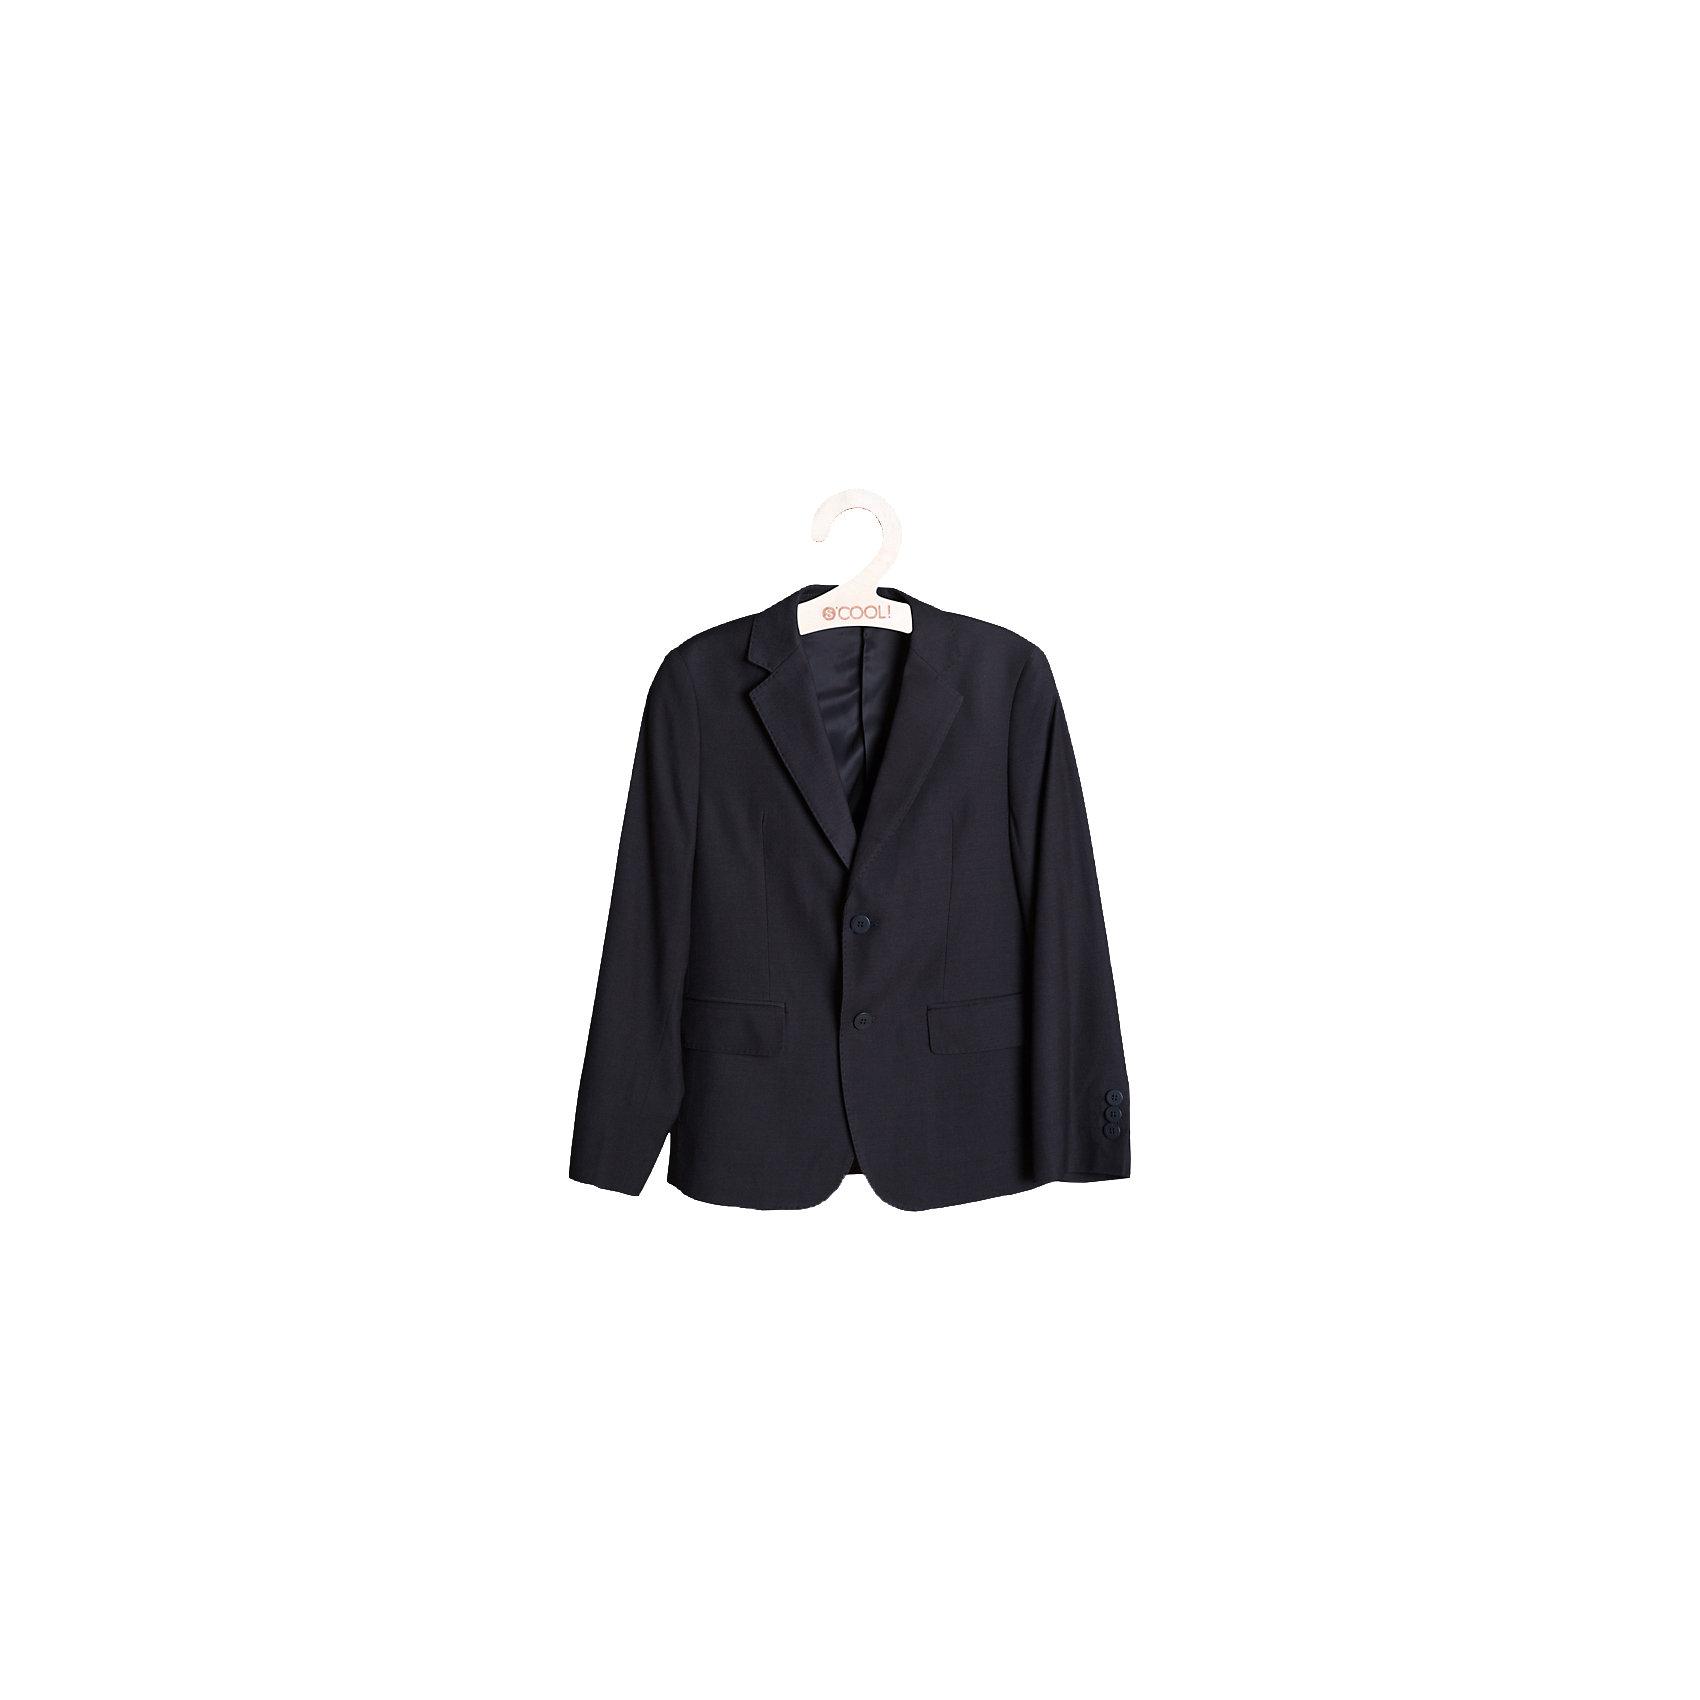 Пиджак для мальчика ScoolКостюмы и пиджаки<br>Пиджак для мальчика от известной марки Scool.<br>* классический пиджак прямого кроя, выполненный из однотонного качественного материала<br> * отложной воротник с лацканом<br>* модель дополнена боковыми карманами с клапанами<br>* пиджак однобортный на двух пуговицах<br>* крой модели сохранил в себе все традиции производства классического пиджака<br>Состав:<br>Верх: 75% полиэстер, 35% вискоза, 8% шерсть,Подкладка: 65% полиэстер, 35% вискоза<br><br>Ширина мм: 356<br>Глубина мм: 10<br>Высота мм: 245<br>Вес г: 519<br>Цвет: серый<br>Возраст от месяцев: 144<br>Возраст до месяцев: 156<br>Пол: Мужской<br>Возраст: Детский<br>Размер: 158,164,134,152,140,128,146<br>SKU: 4140613